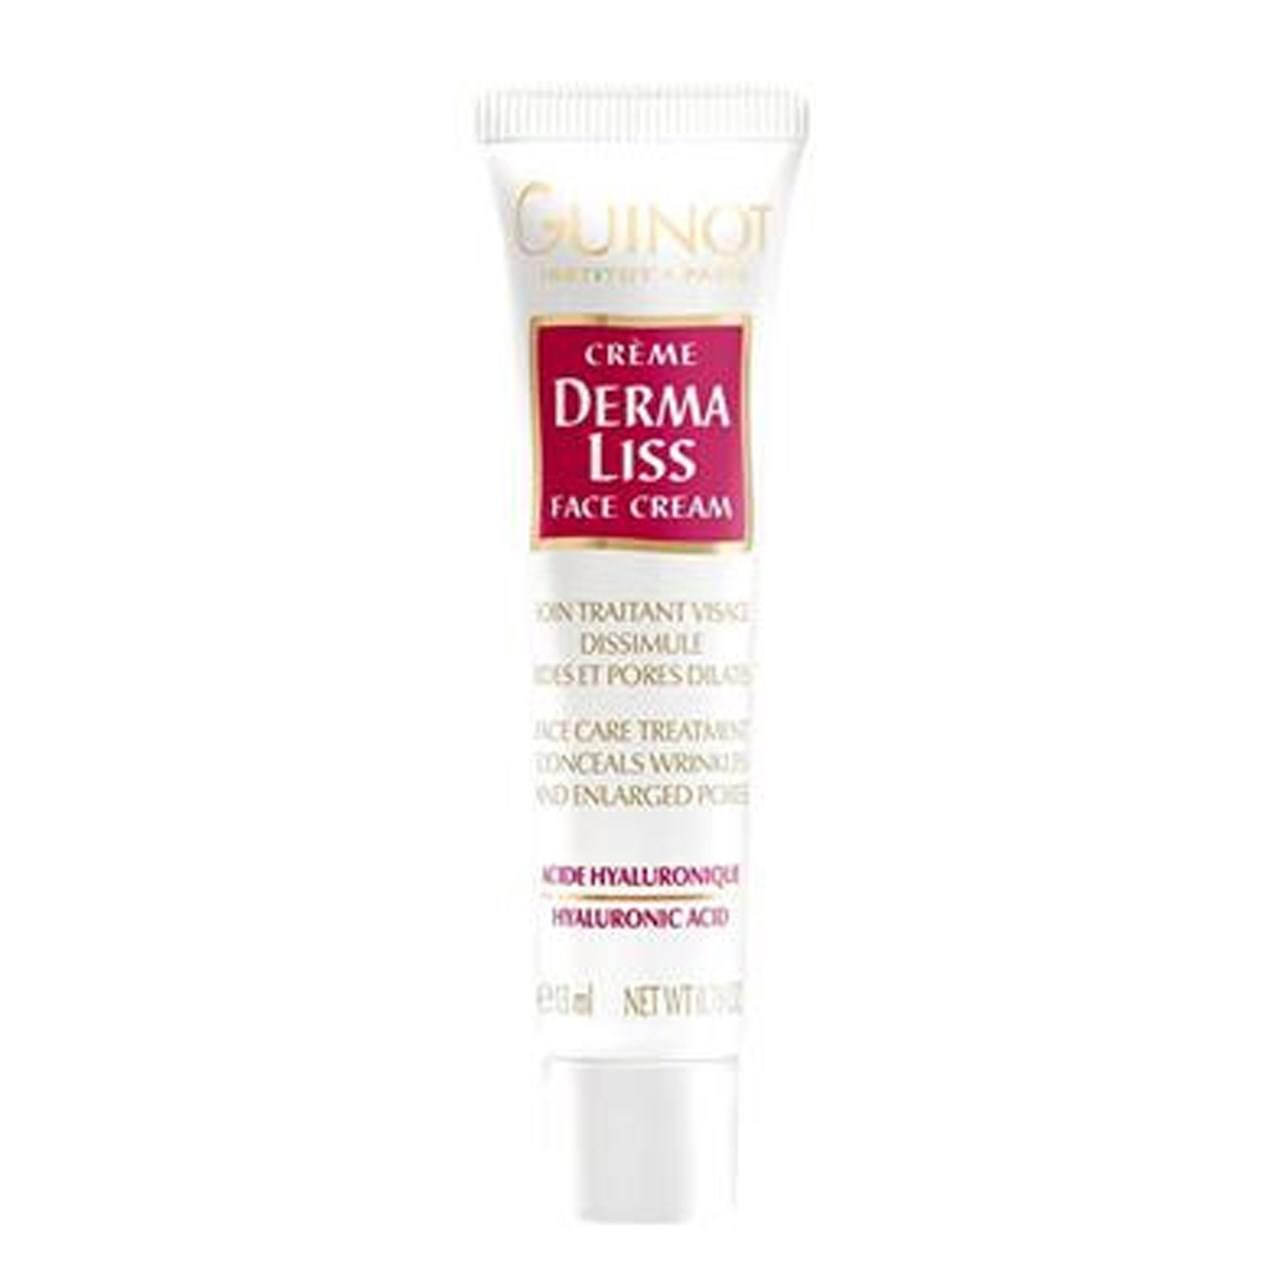 کرم کاهش دهنده منافذ باز پوست گینو مدل derma liss